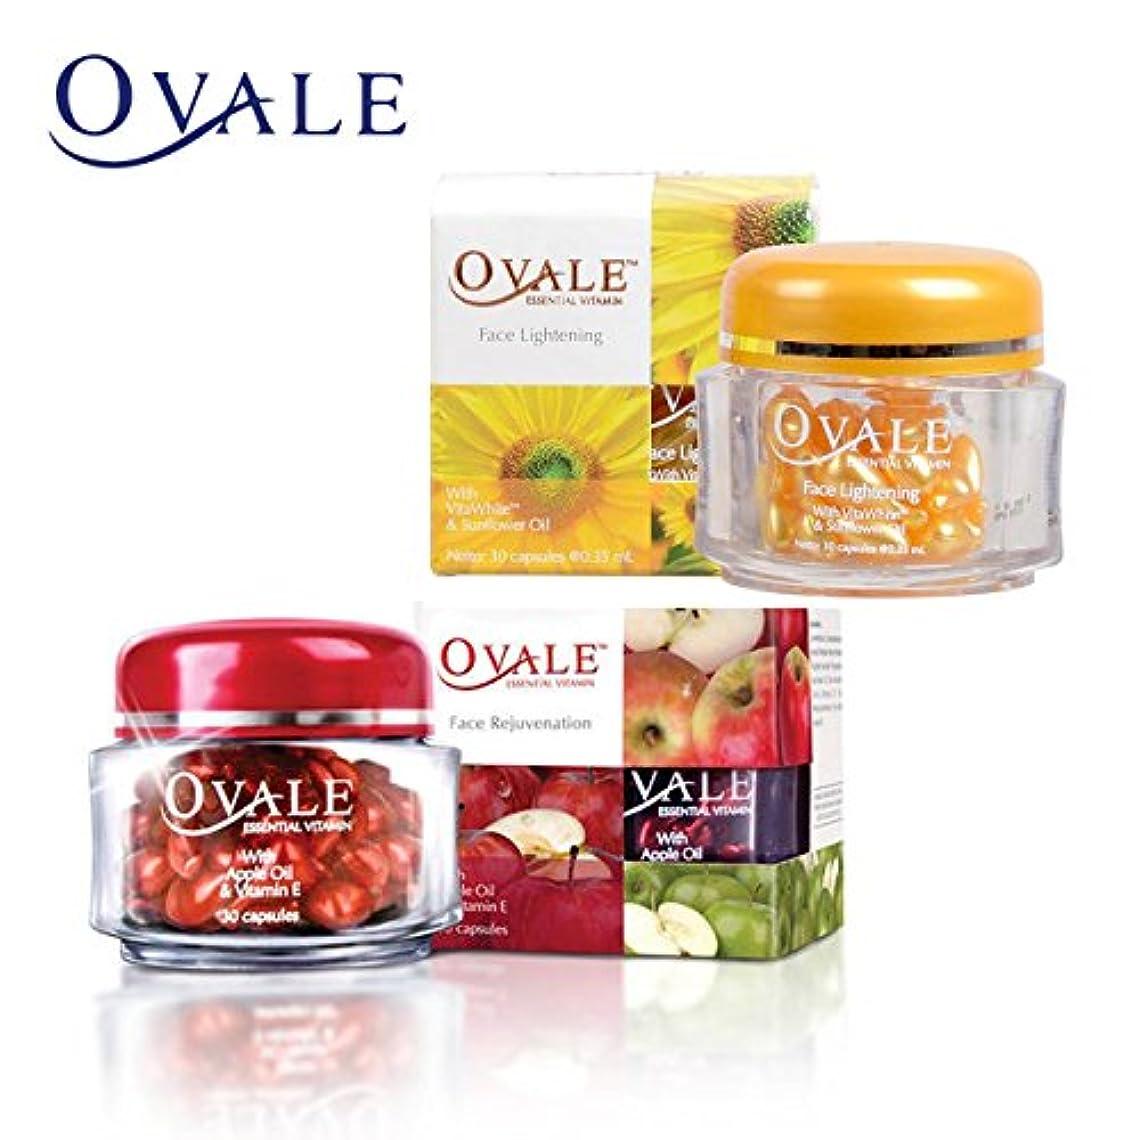 ゲートウェイ曲げる宮殿Ovale オーバル フェイシャル美容液 essential vitamin エッセンシャルビタミン 30粒入ボトル×5個 サンフラワー [海外直送品]